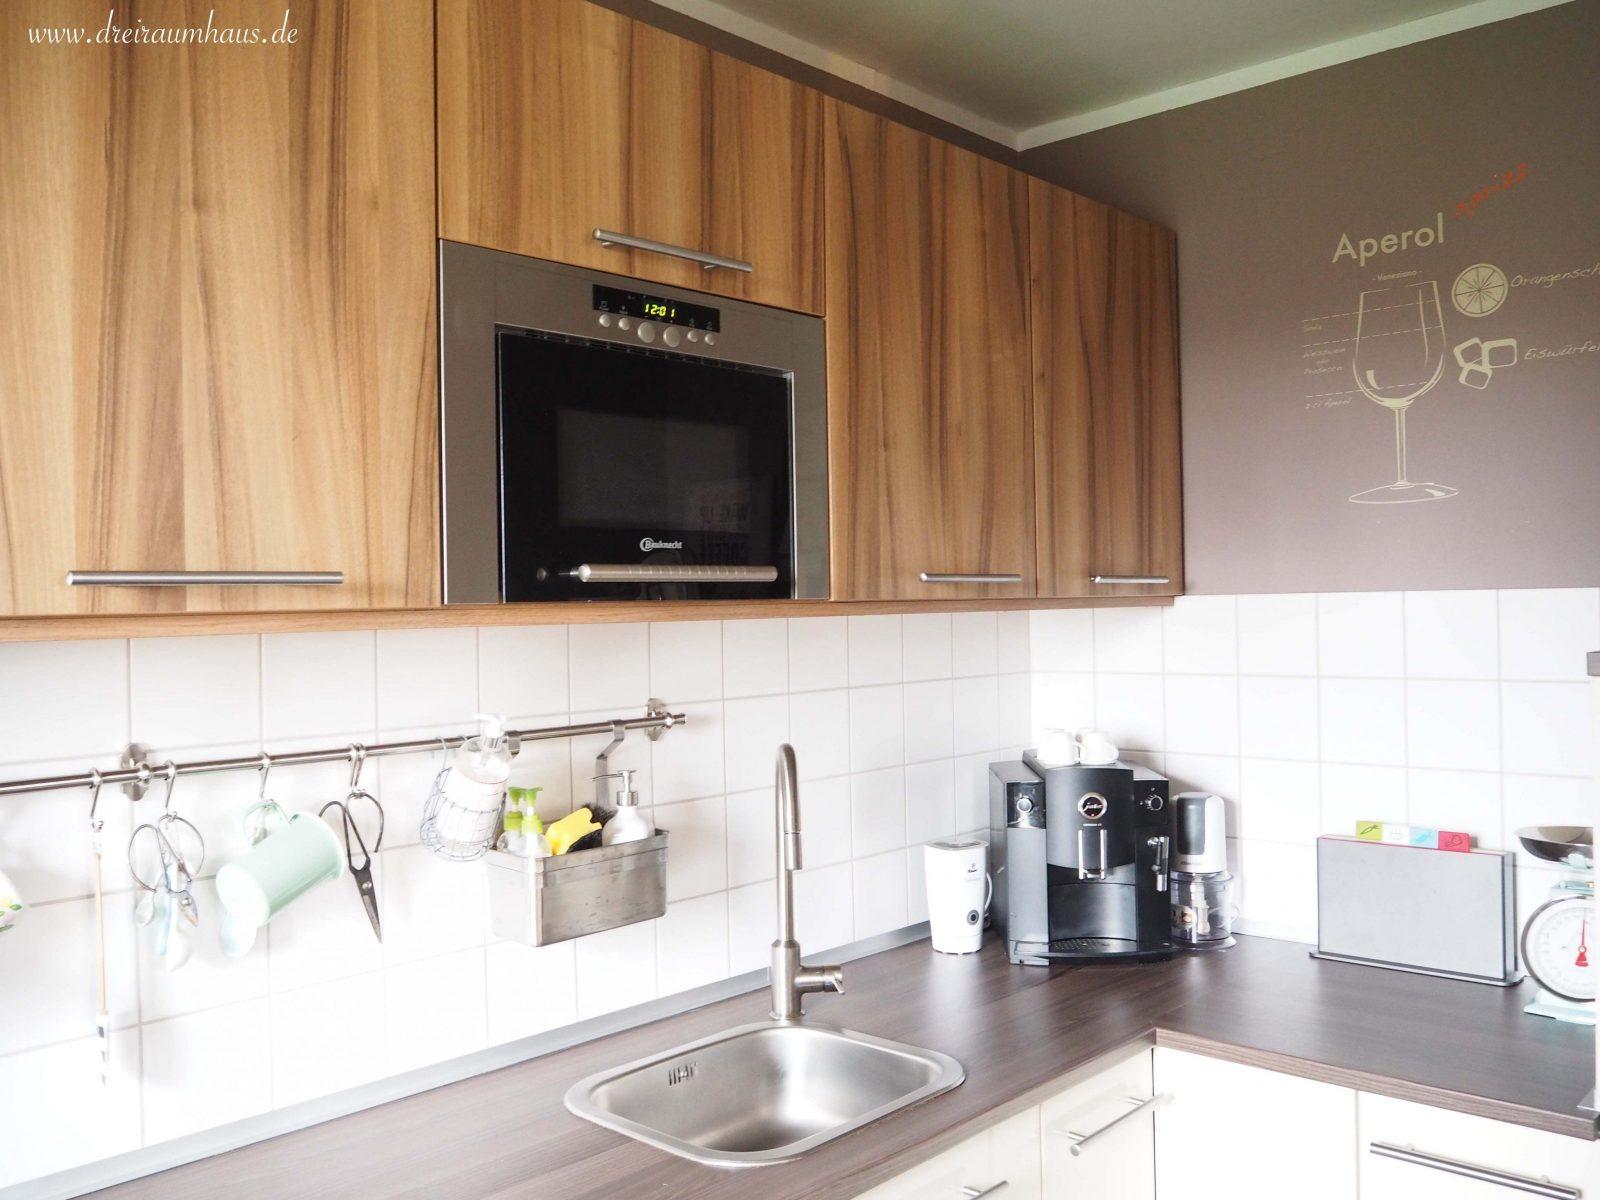 Wohnideen  Ikea Faktum Veddinge Grau Auch Frisch Ikea Küchen von Ikea Küche Faktum Landhaus Photo